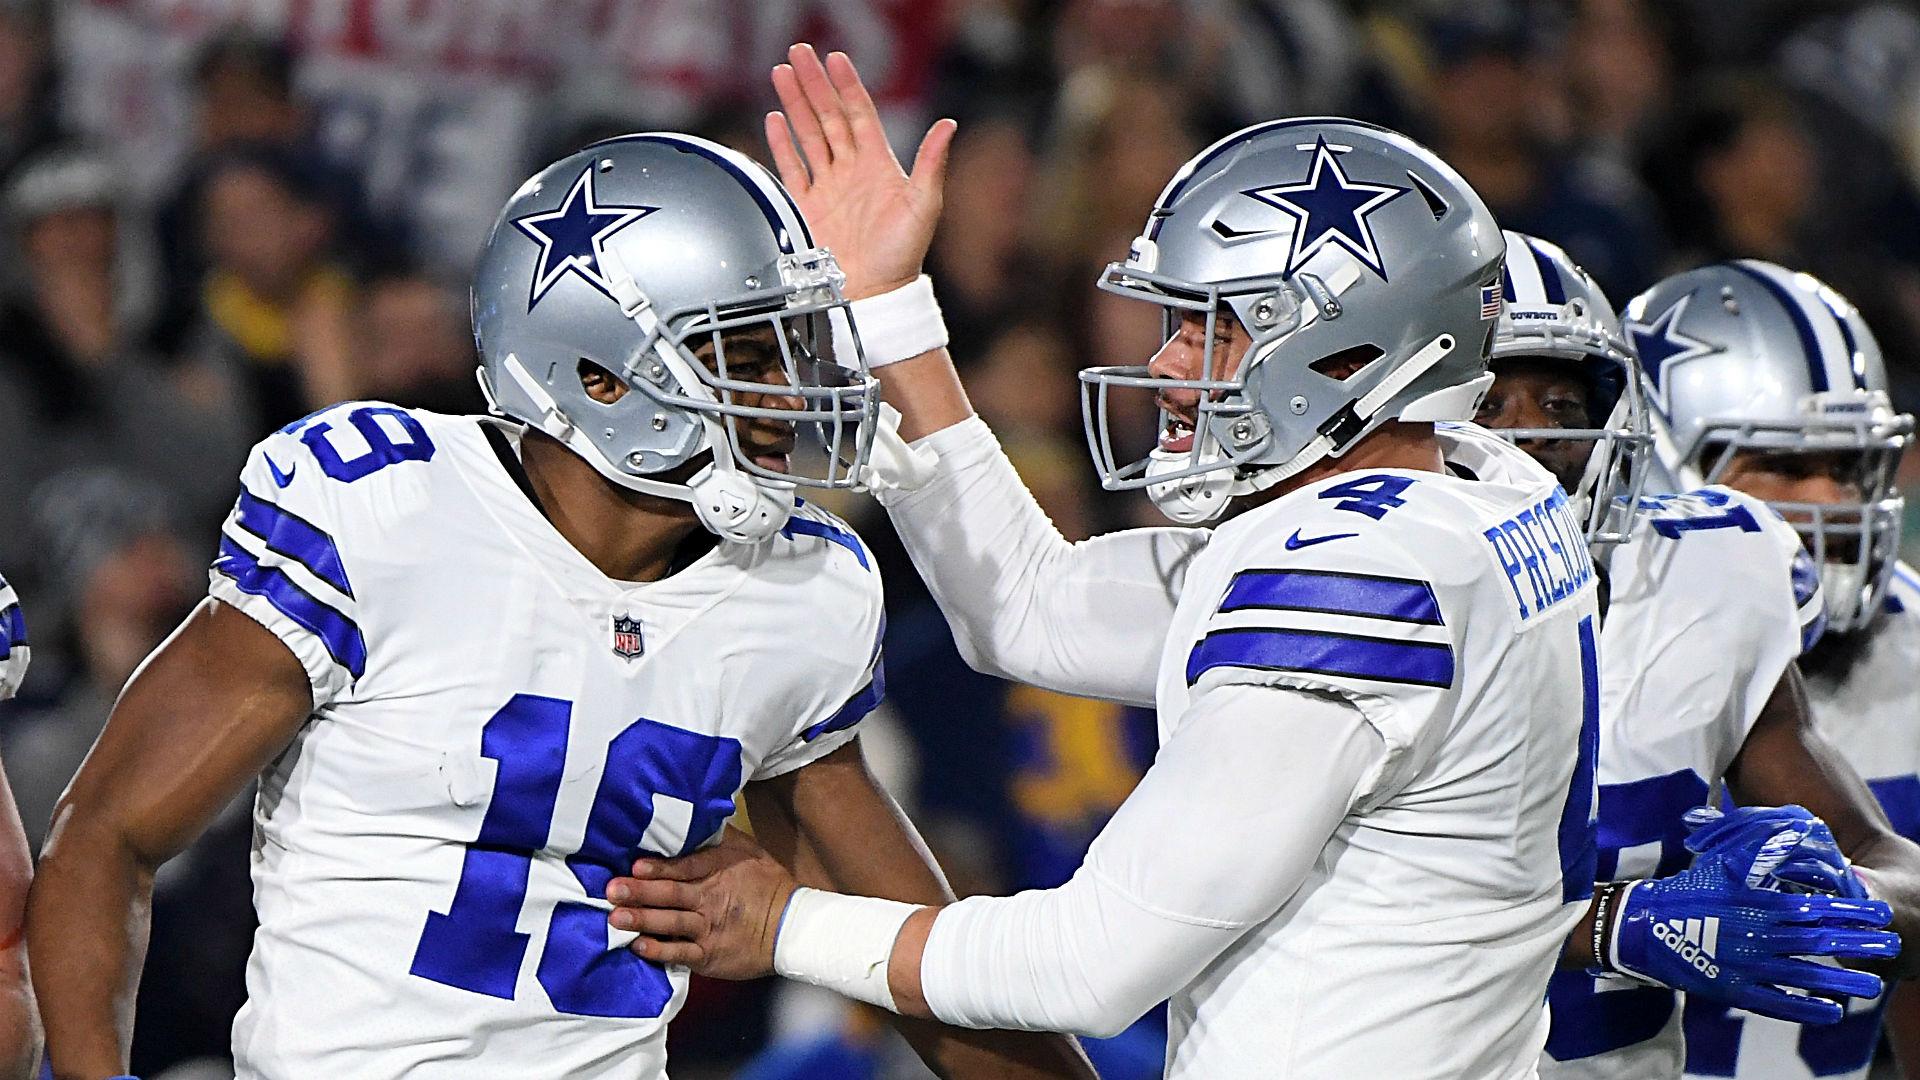 Cowboys making 'more progress' on Dak Prescott's contract than Amari Cooper's, report says